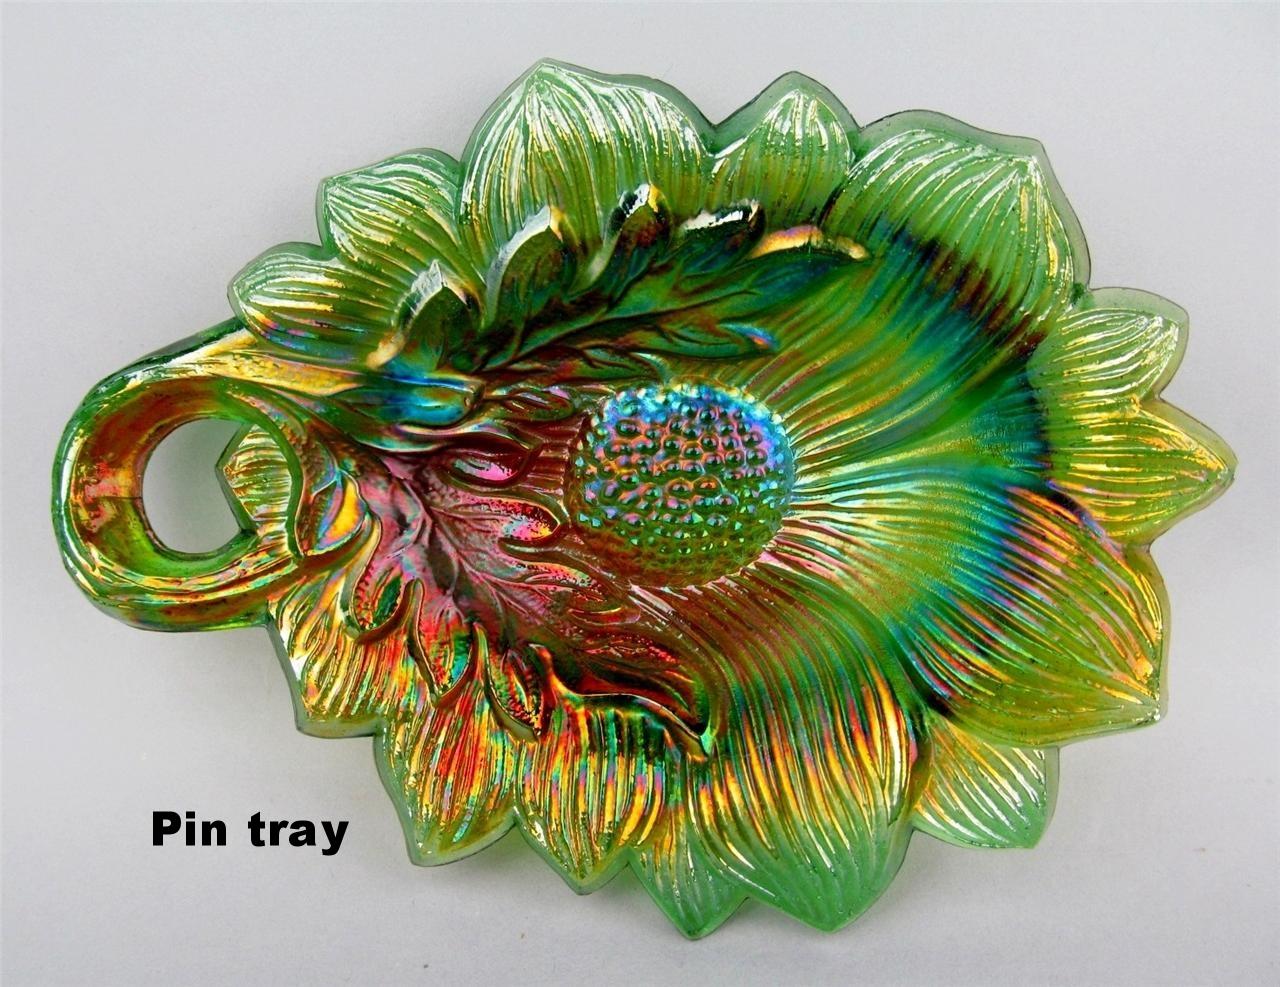 shape_pin_tray.jpg